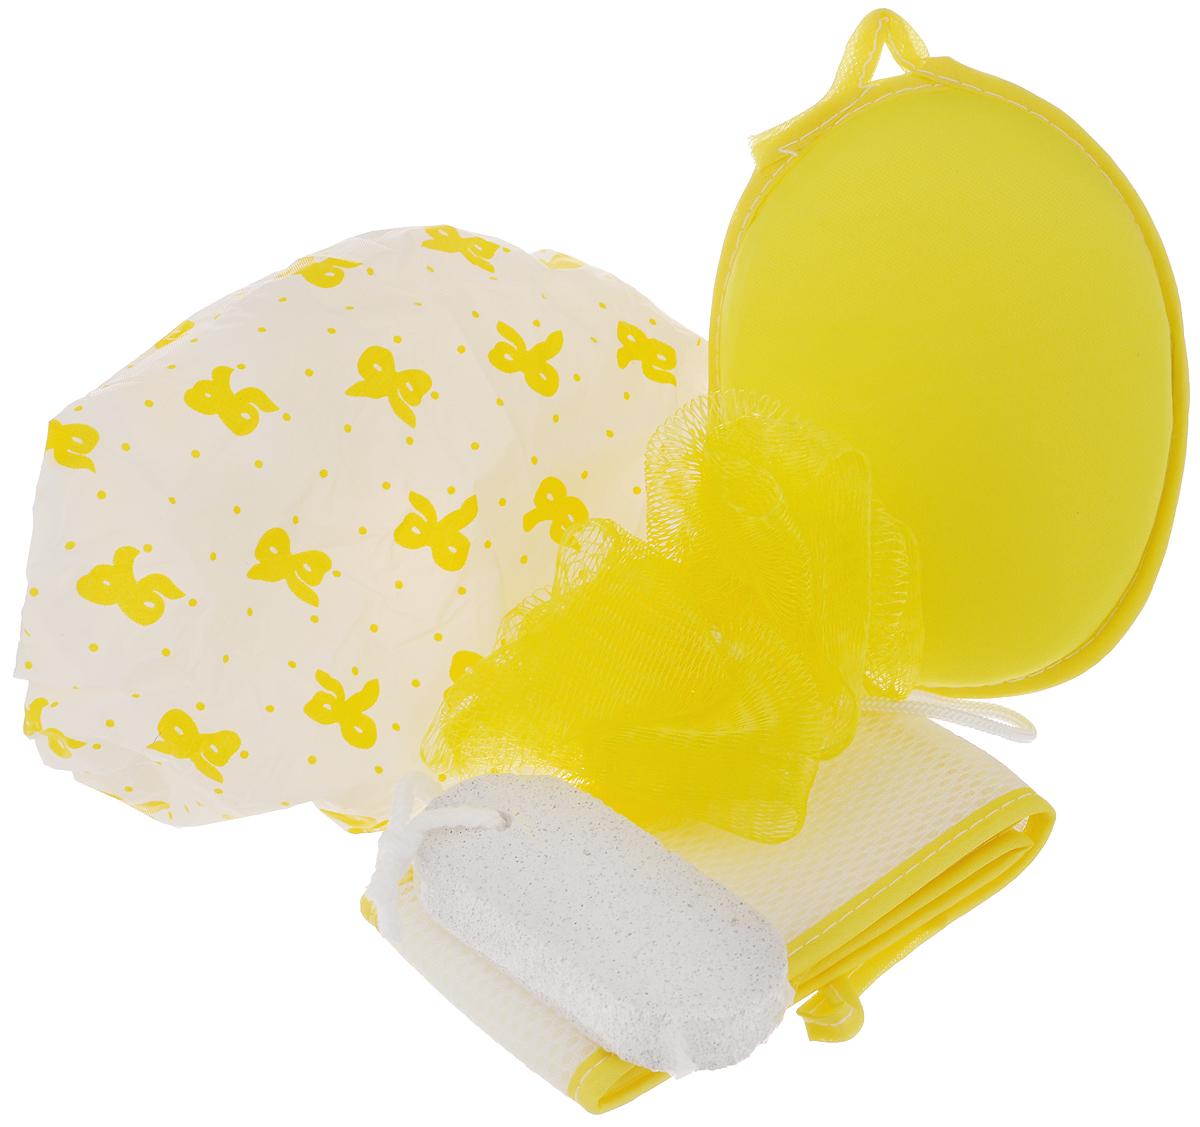 Набор банный Дом и все, что в нем, цвет: желтый, белый, 5 предметов820-862_желтыйБанный набор Дом и все, что в нем, изготовленный из полимерных материалов, состоит из трех мочалок, шапочки для душа и пемзы. Мочалки предназначены для мягкого очищения кожи. Прекрасно взбивают мыло и гель для душа, дают обильную пену, обладают легким массажным воздействием, идеально подходят для нежной и чувствительной кожи. Пемза эффективно удалит огрубевшую, сухую кожу ступней и локтей, делая их мягкими и гладкими. Шапочка защитит волосы от намокания во время принятия душа. Диаметр основания шапочки: 27 см. Высота шапочки: 19 см. Диаметр мочалки-помпона: 9 см. Длина мочалки с ручками: 56 см. Размер мочалки-овала: 15 см х 12 см х 3 см. Размер пемзы: 9,5 см х 4,5 см х 1,5 см.